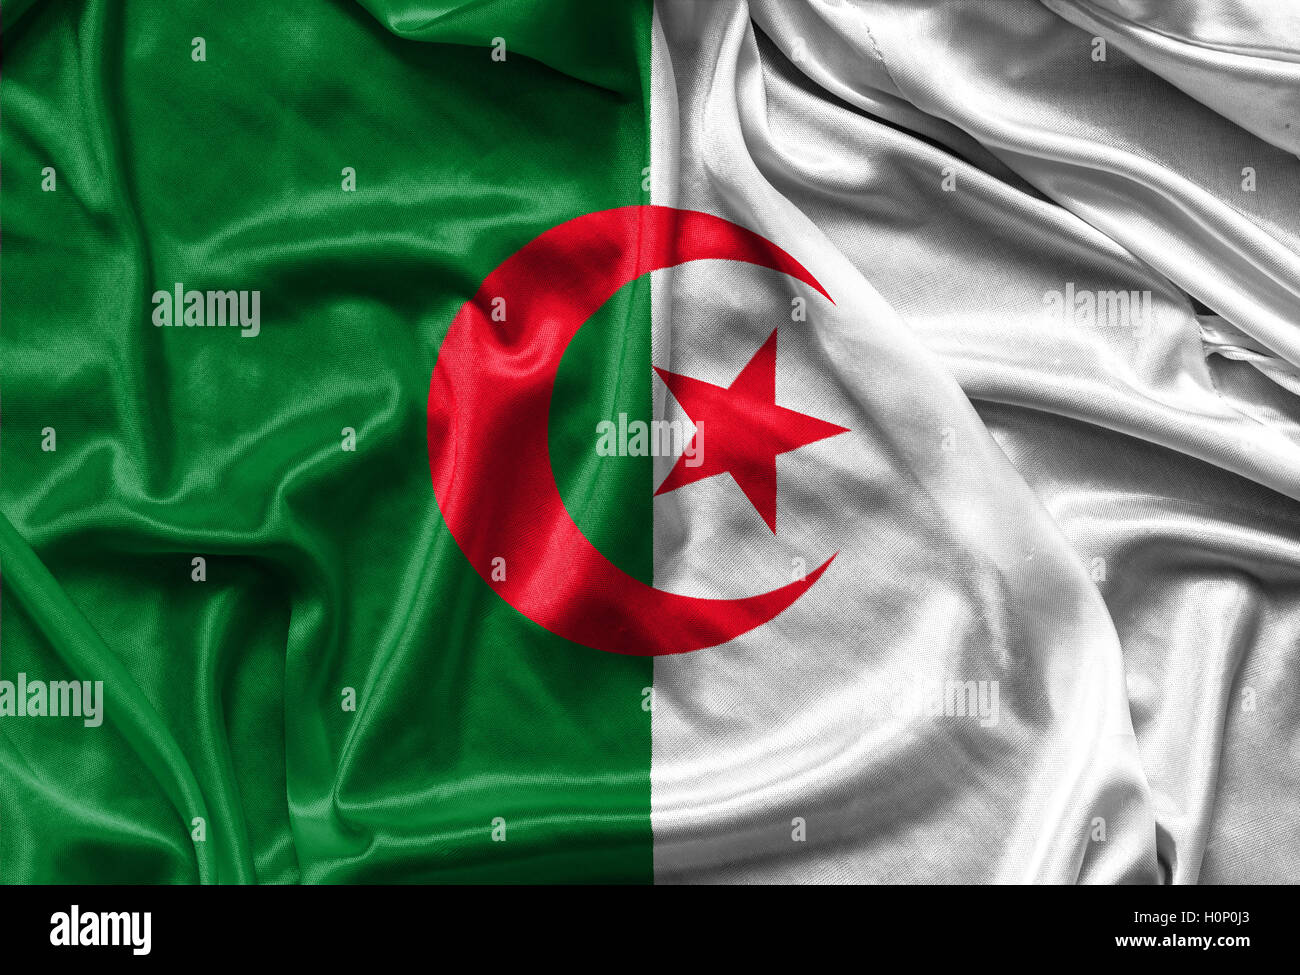 Gros Plan Du Drapeau Algérien Soyeux Banque Dimages Photo